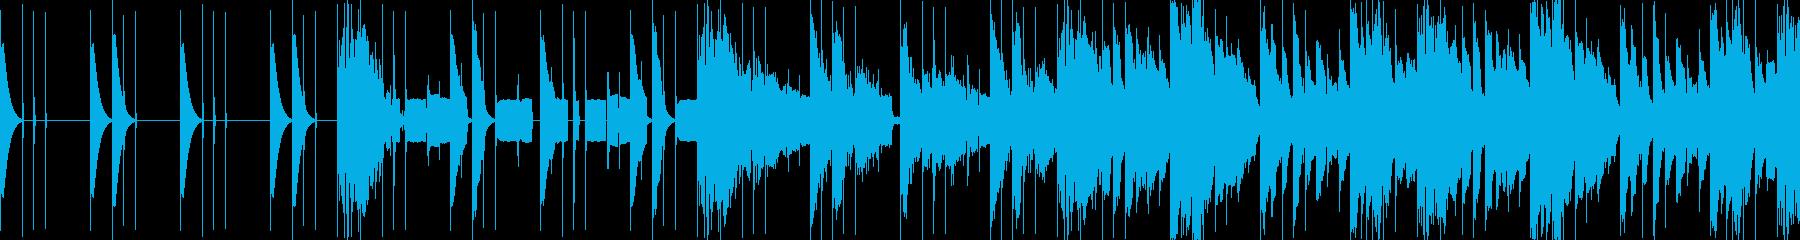 【ループ仕様】コミカルな曲の再生済みの波形